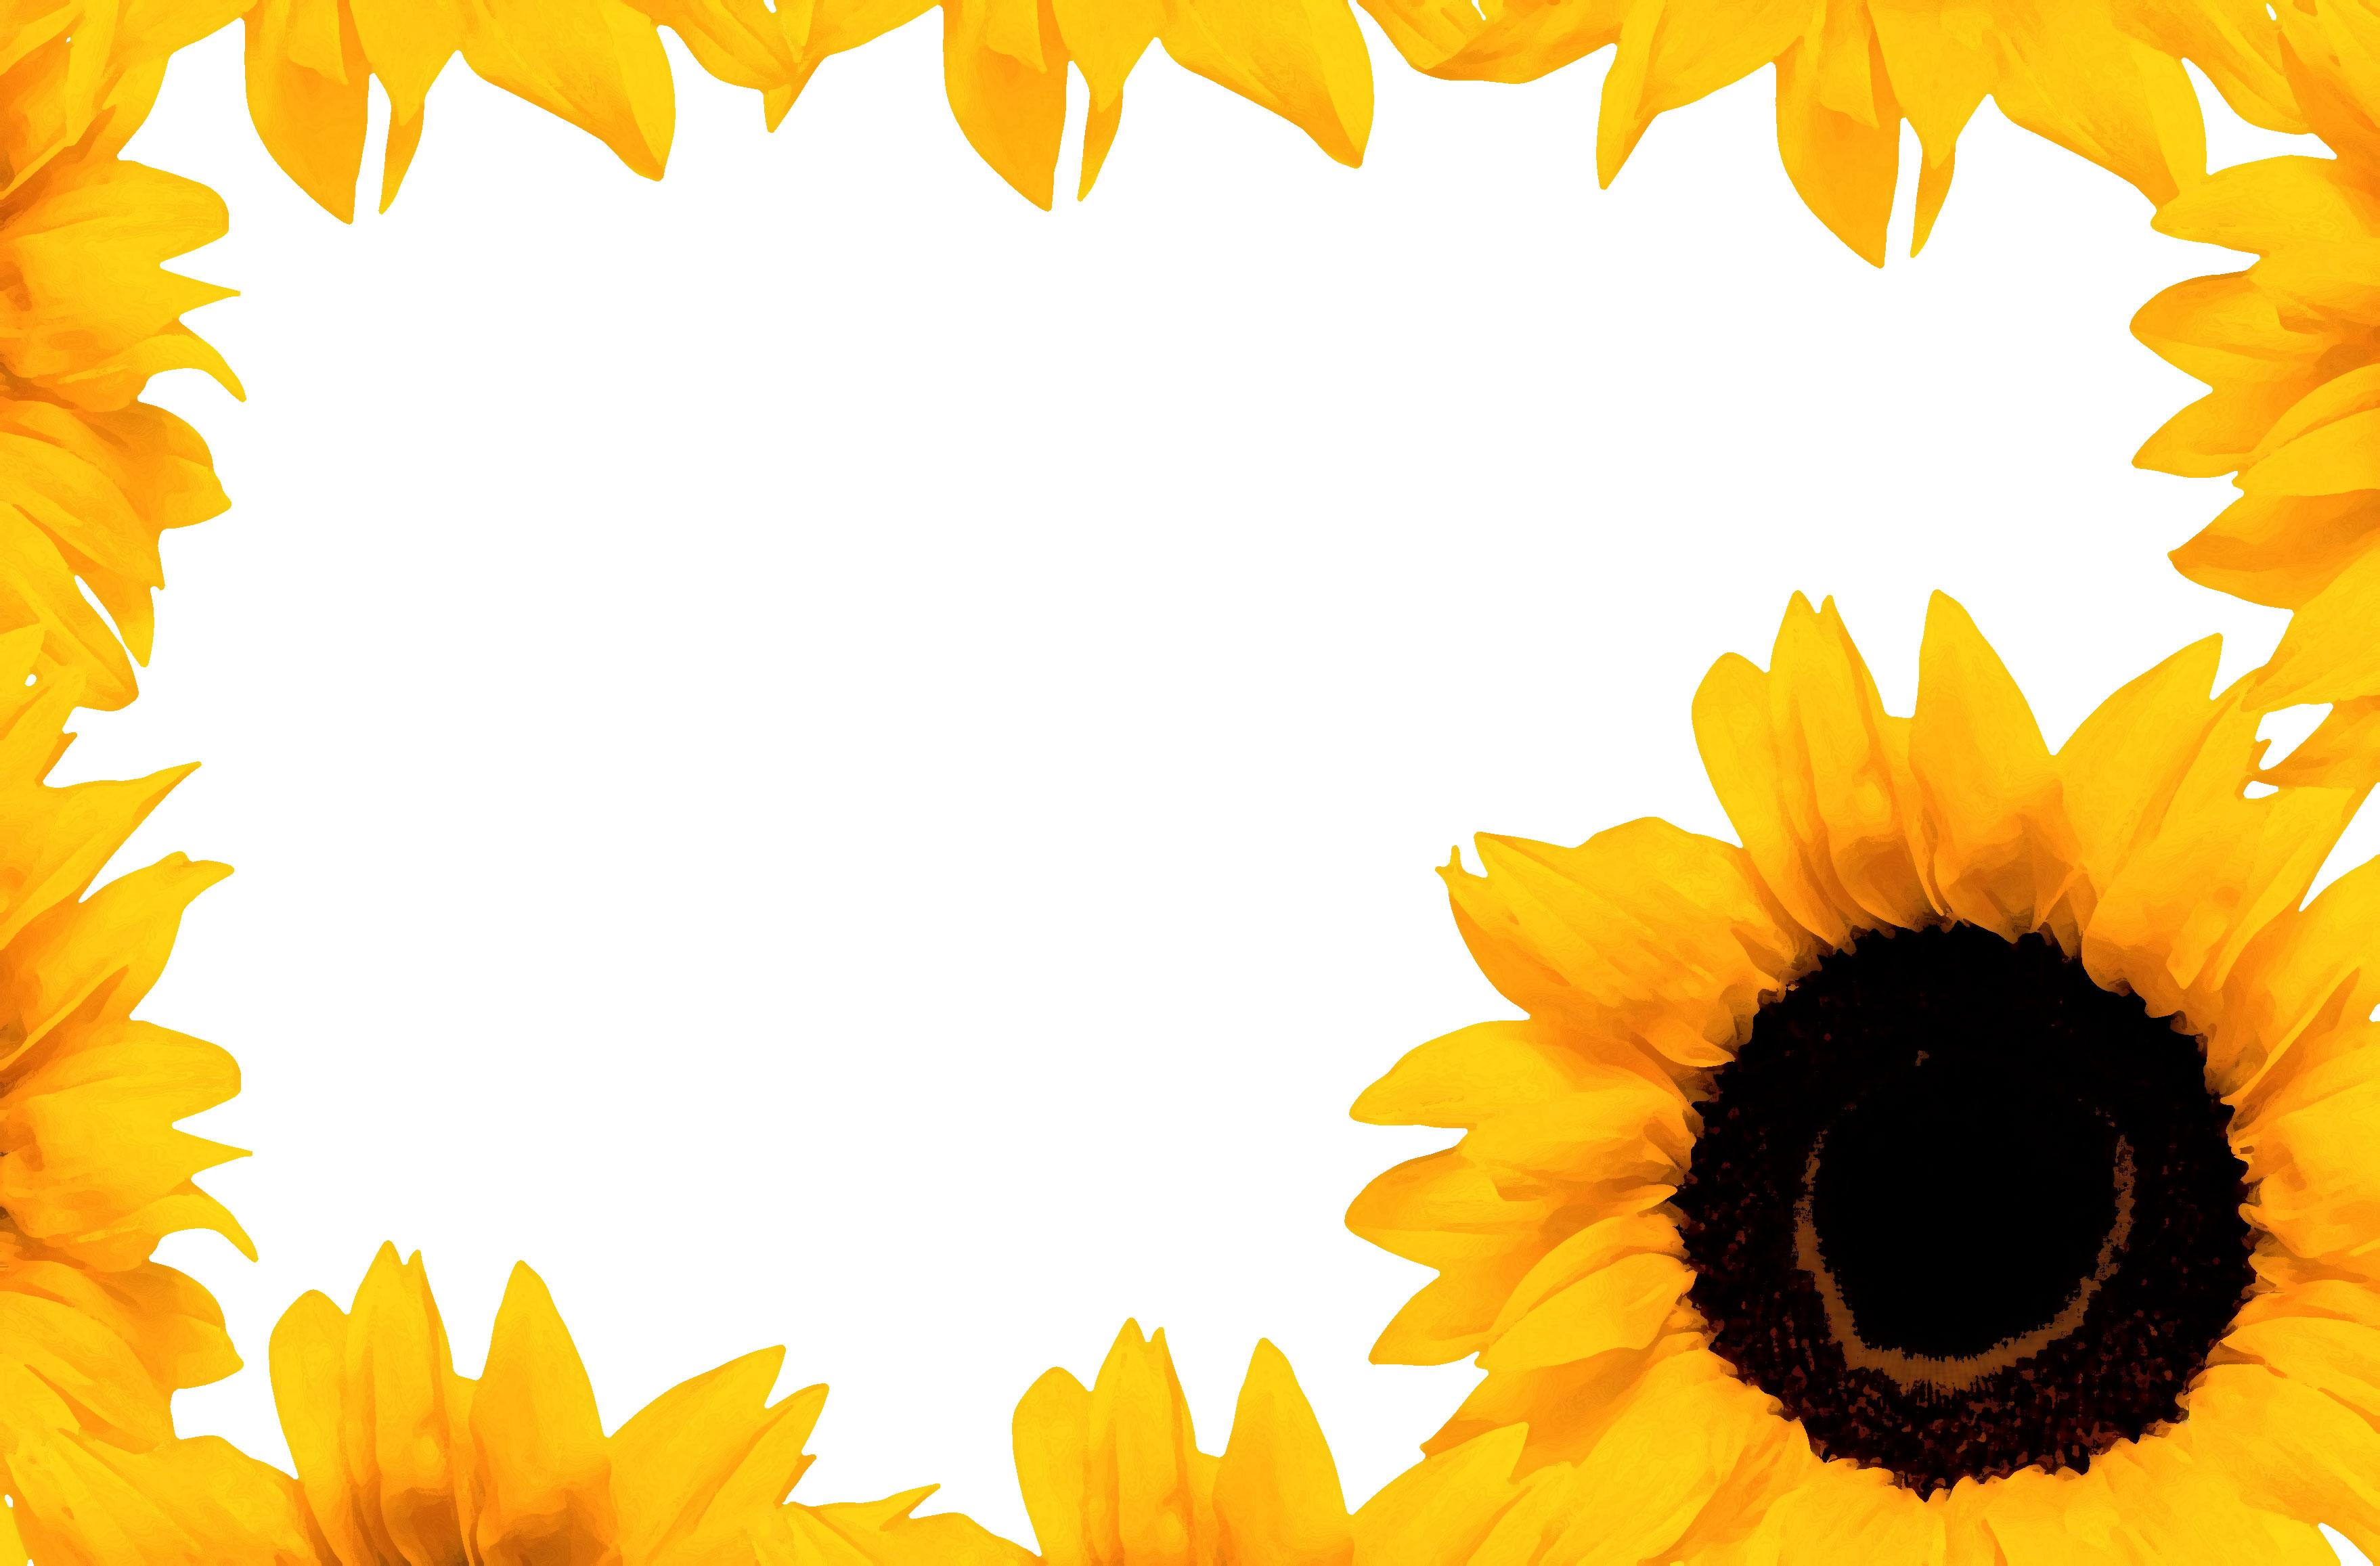 壁紙・背景イラスト/花のフレーム・外枠 no.163『ひまわり・花囲い』